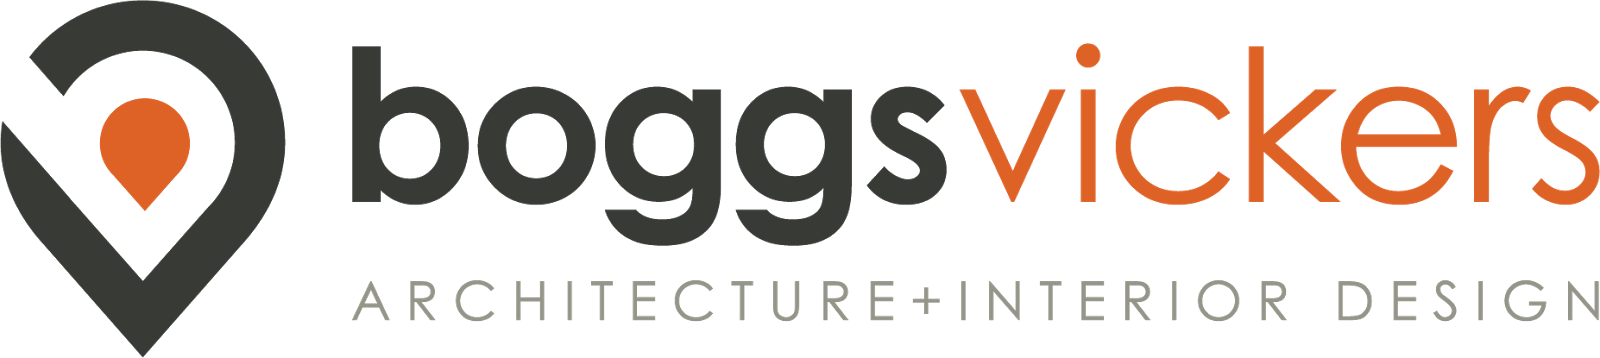 BoggsVickers Architecture + Interior Design